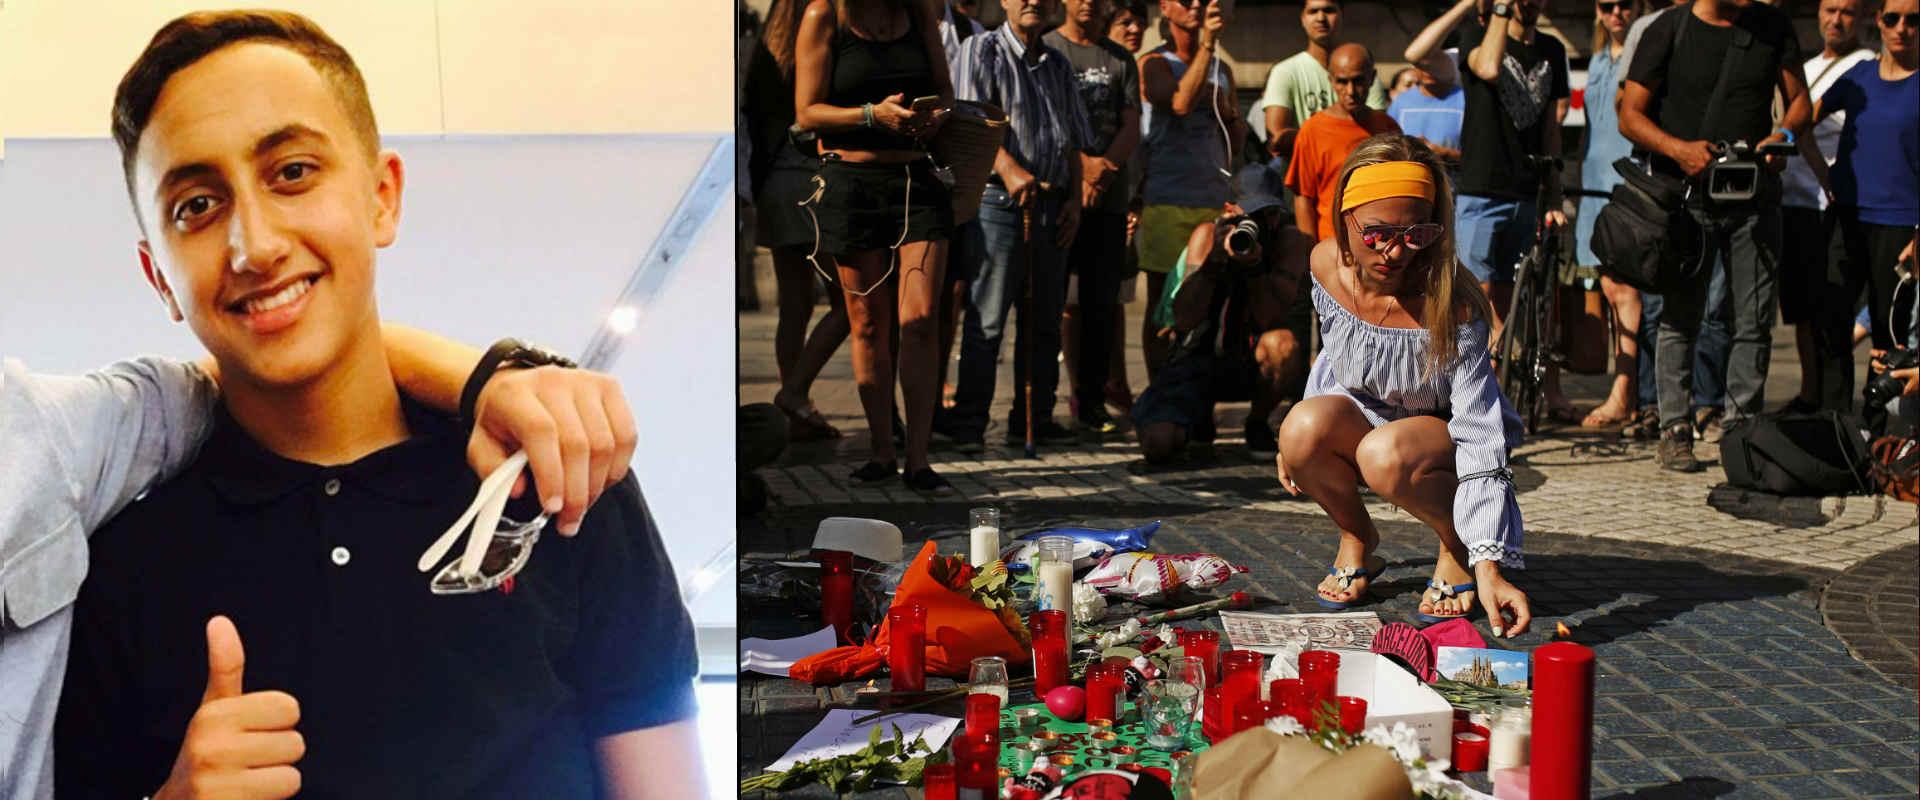 מימין: מתאבלים בברצלונה, היום. משמאל: מוסא עוקאביר